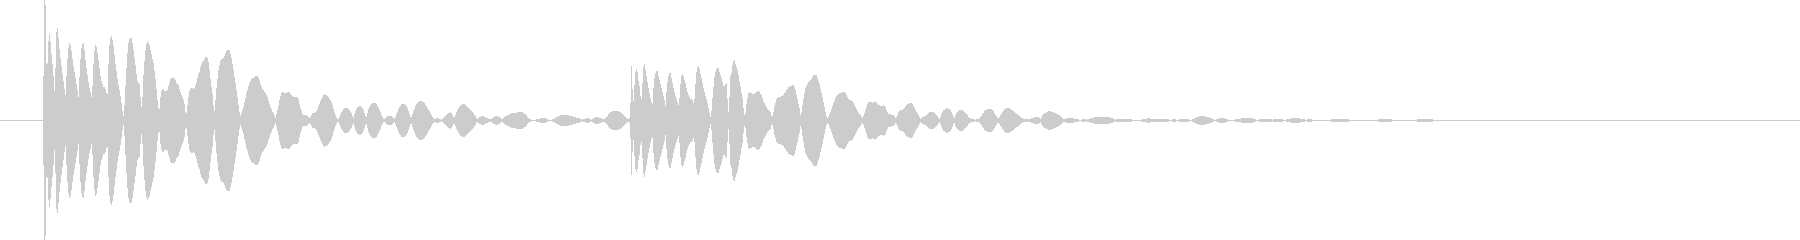 ドクン。心臓の音Aの未再生の波形